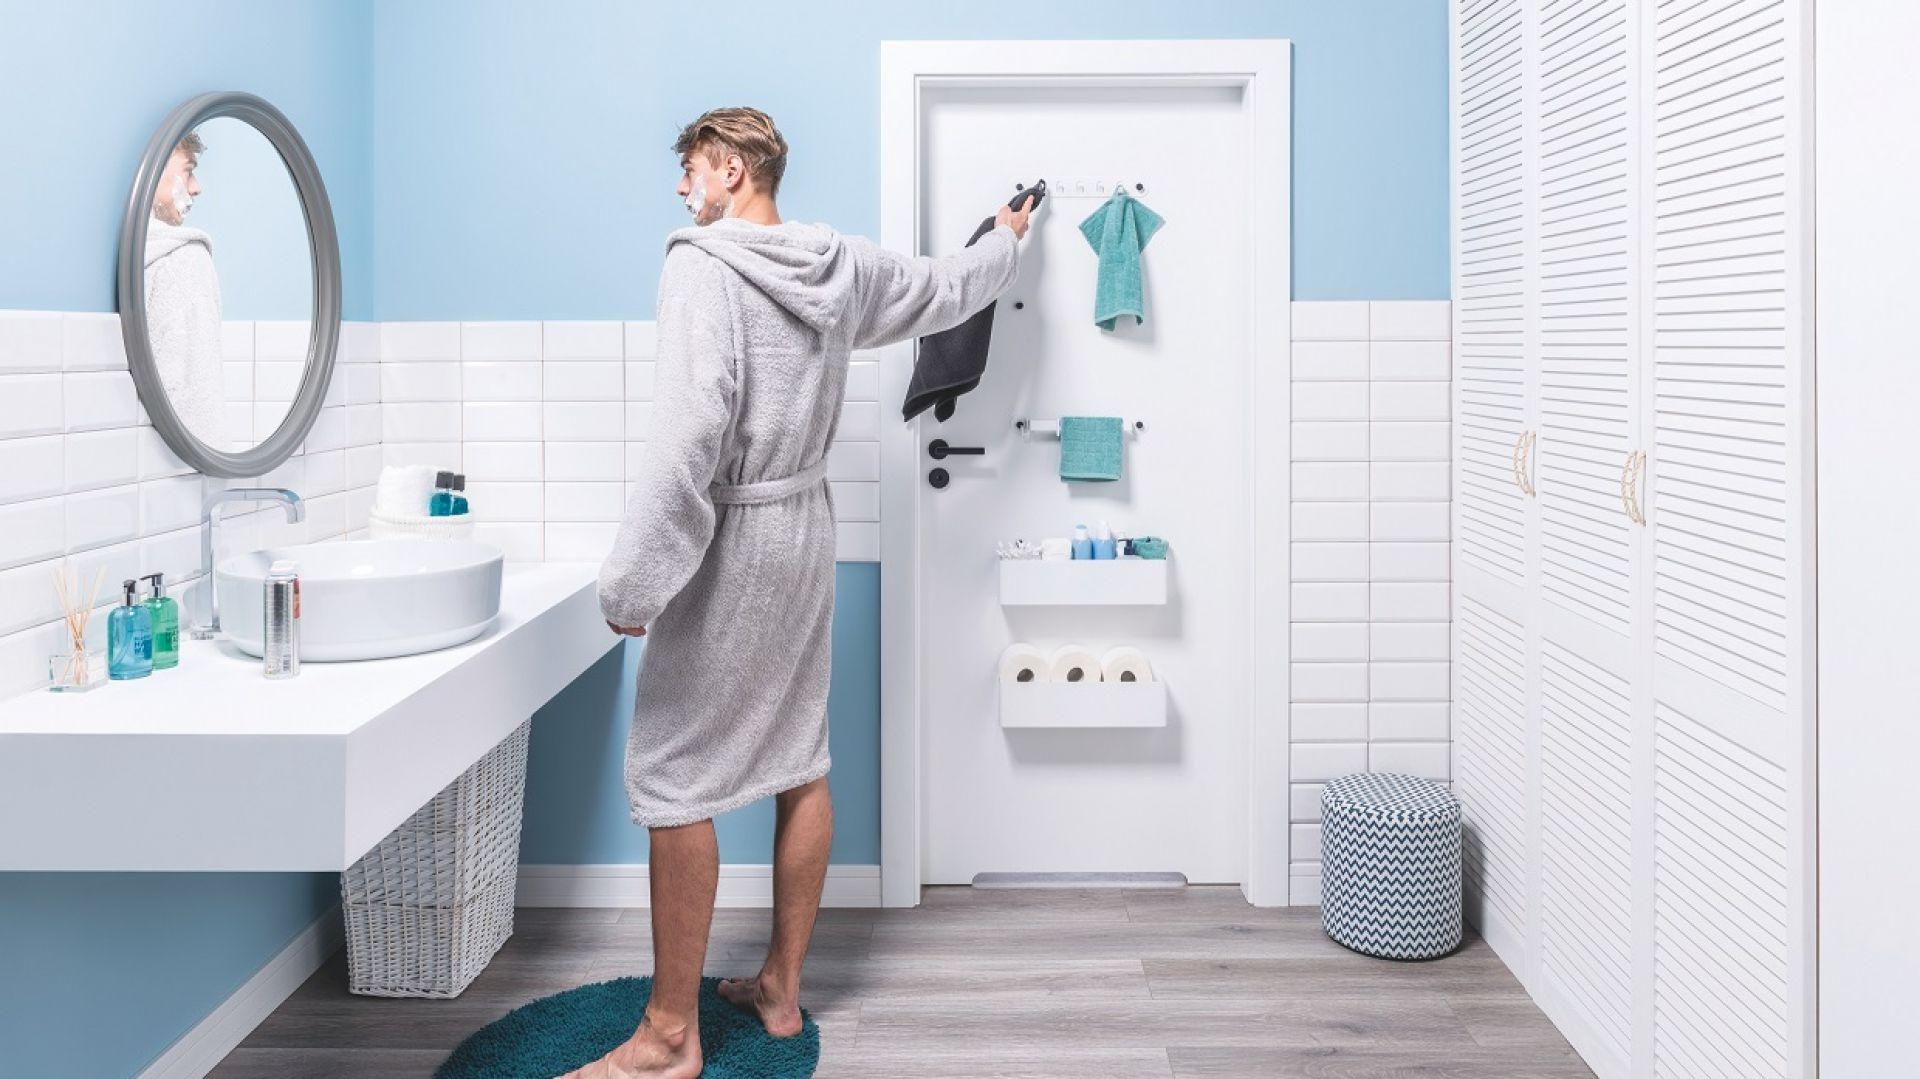 Drzwi z kolekcji Smart, stworzonej przez marki Porta i VOX oferują pomoc w przechowywaniu drobiazgów czy wieszaniu ręczników. Fot. VOX/Porta